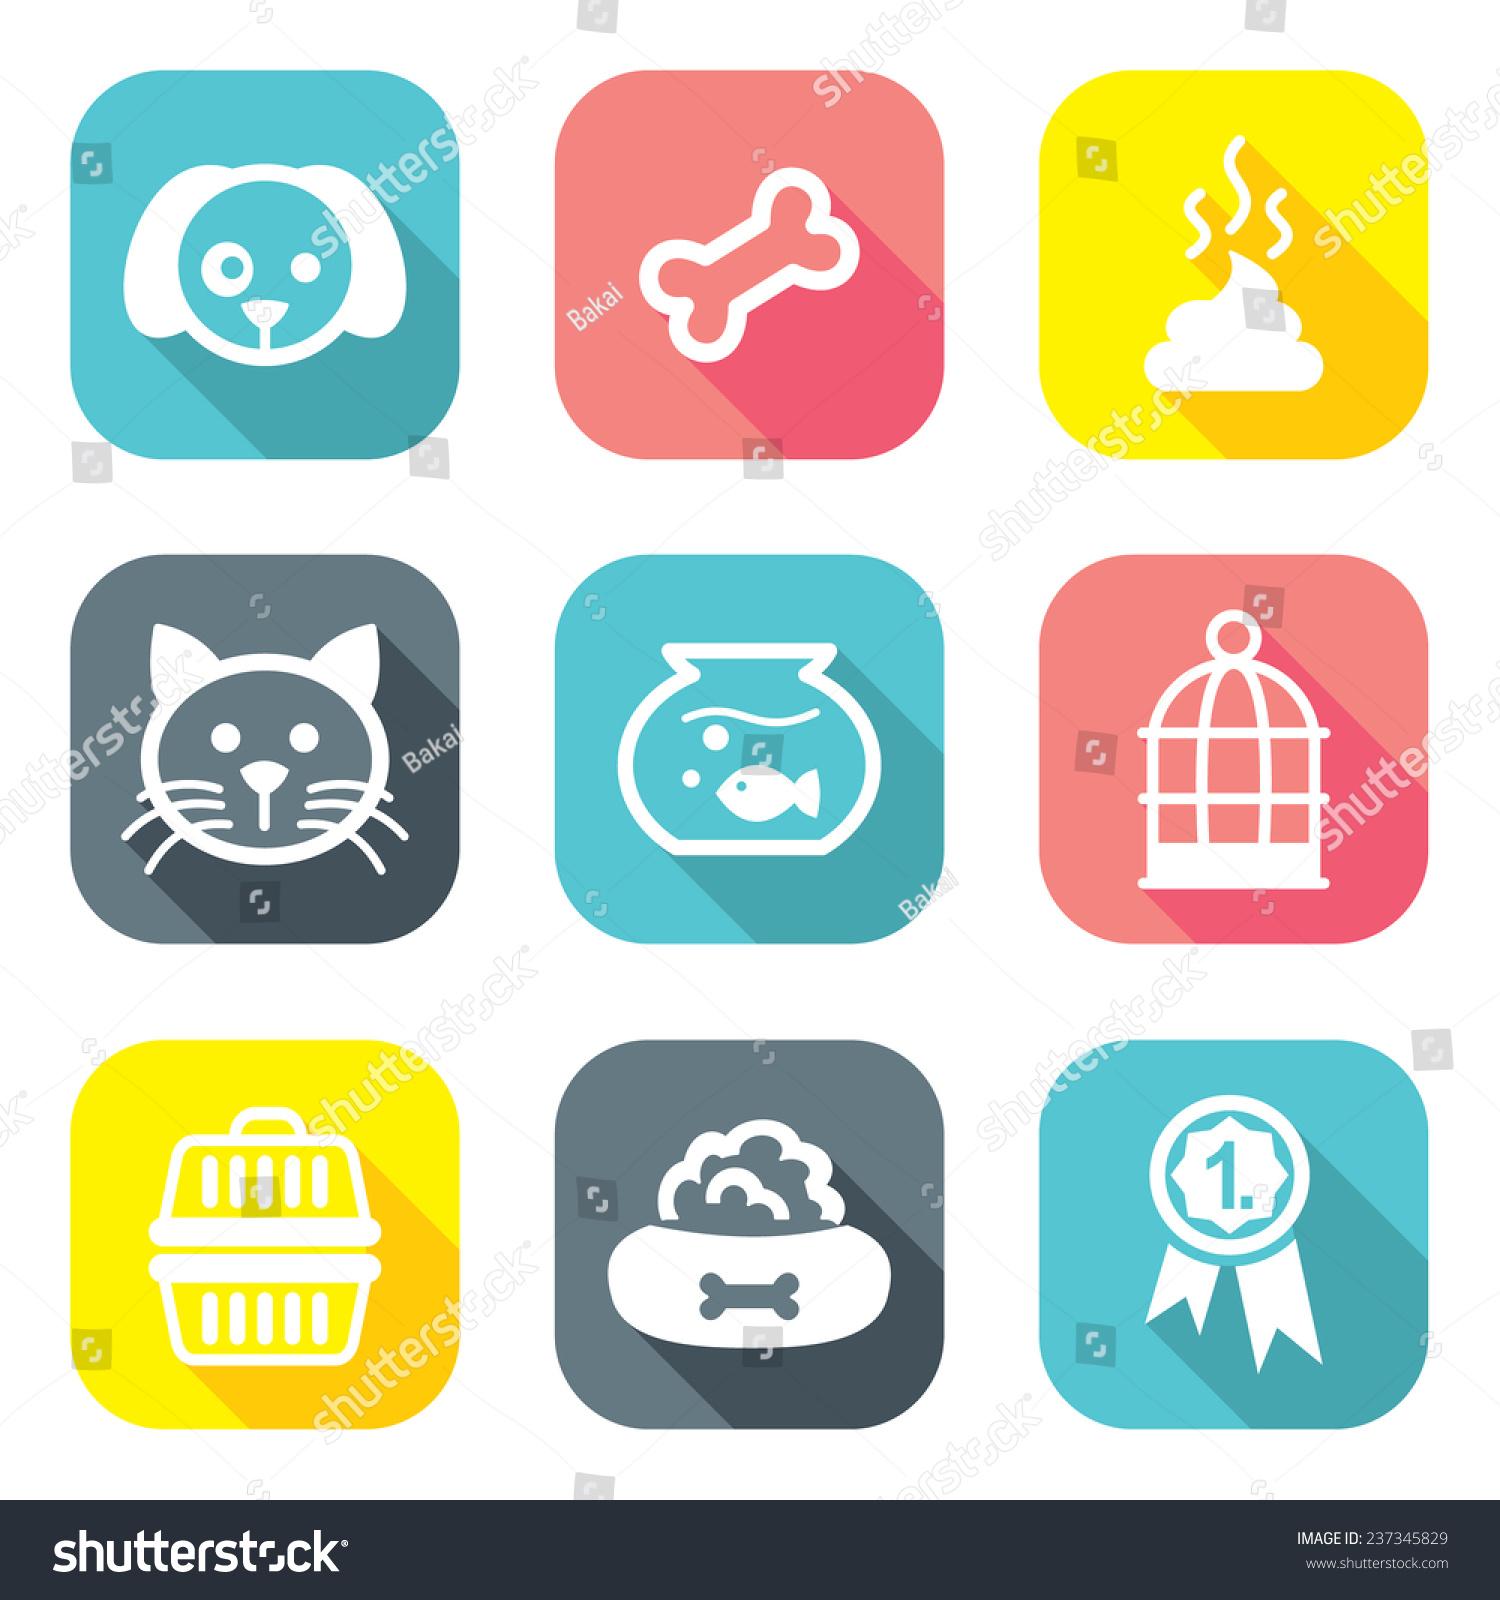 平面设计宠物图标-动物/野生生物,符号/标志-海洛创意